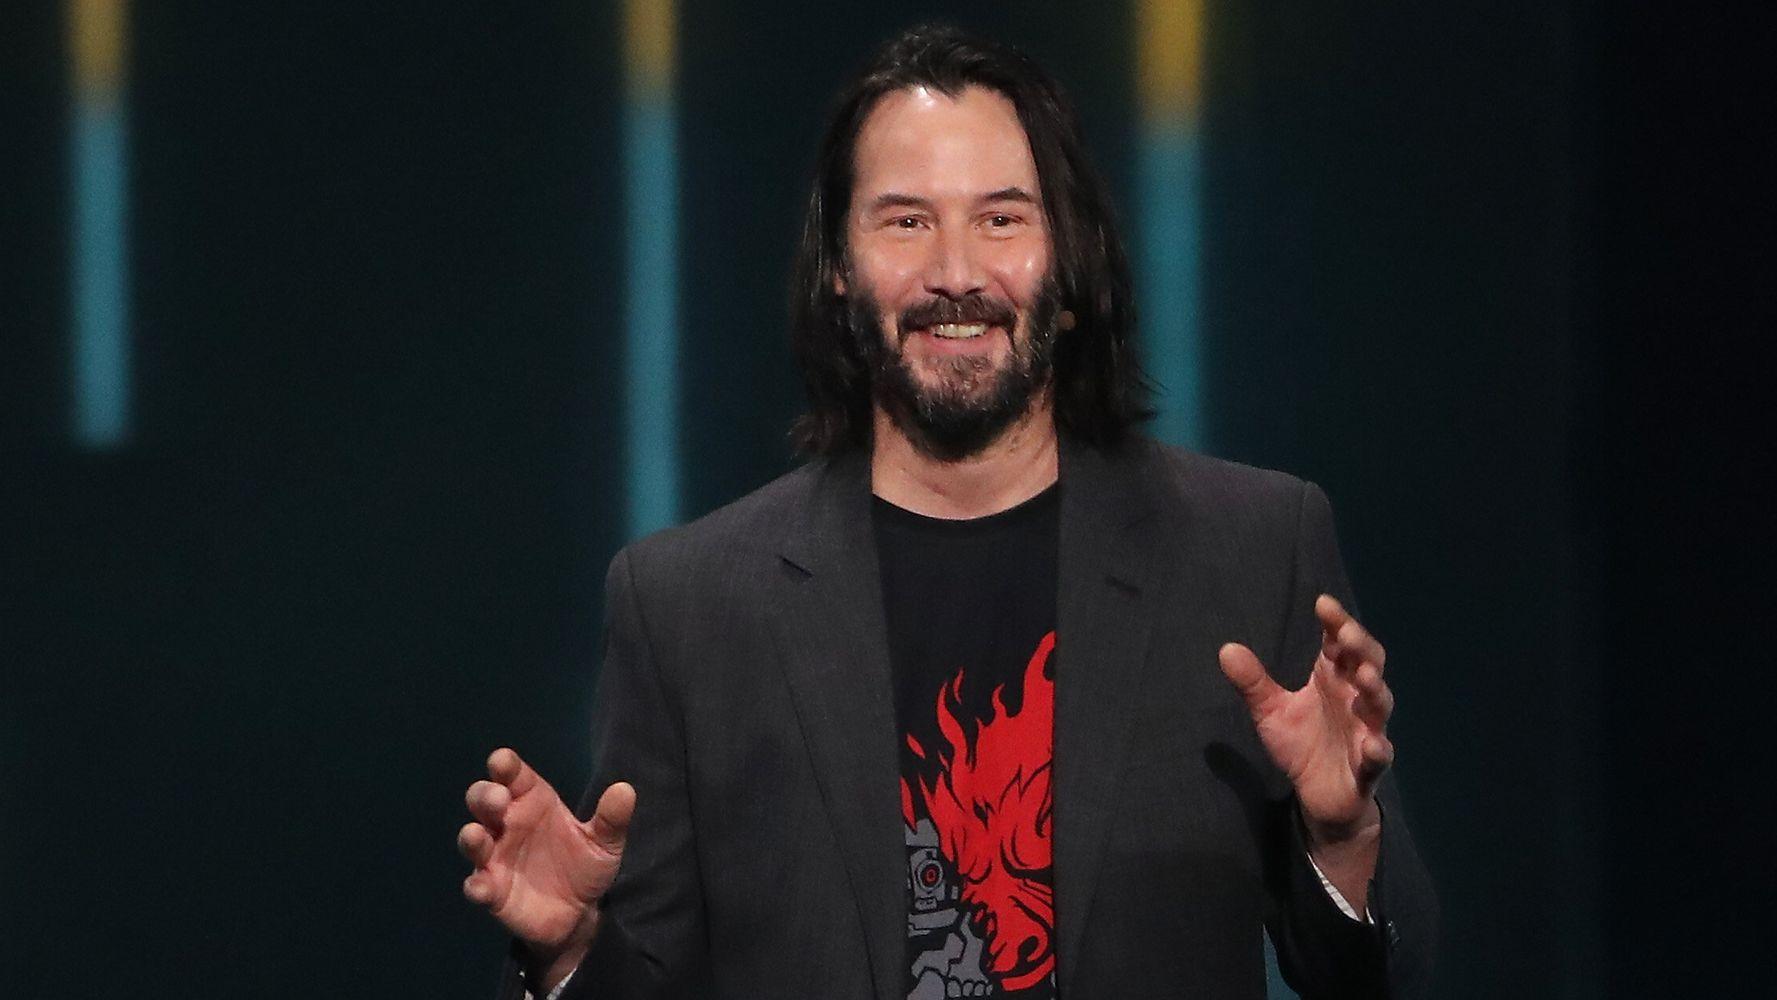 Keanu Reeves: per beneficenza è possibile fare una chiacchierata virtuale thumbnail